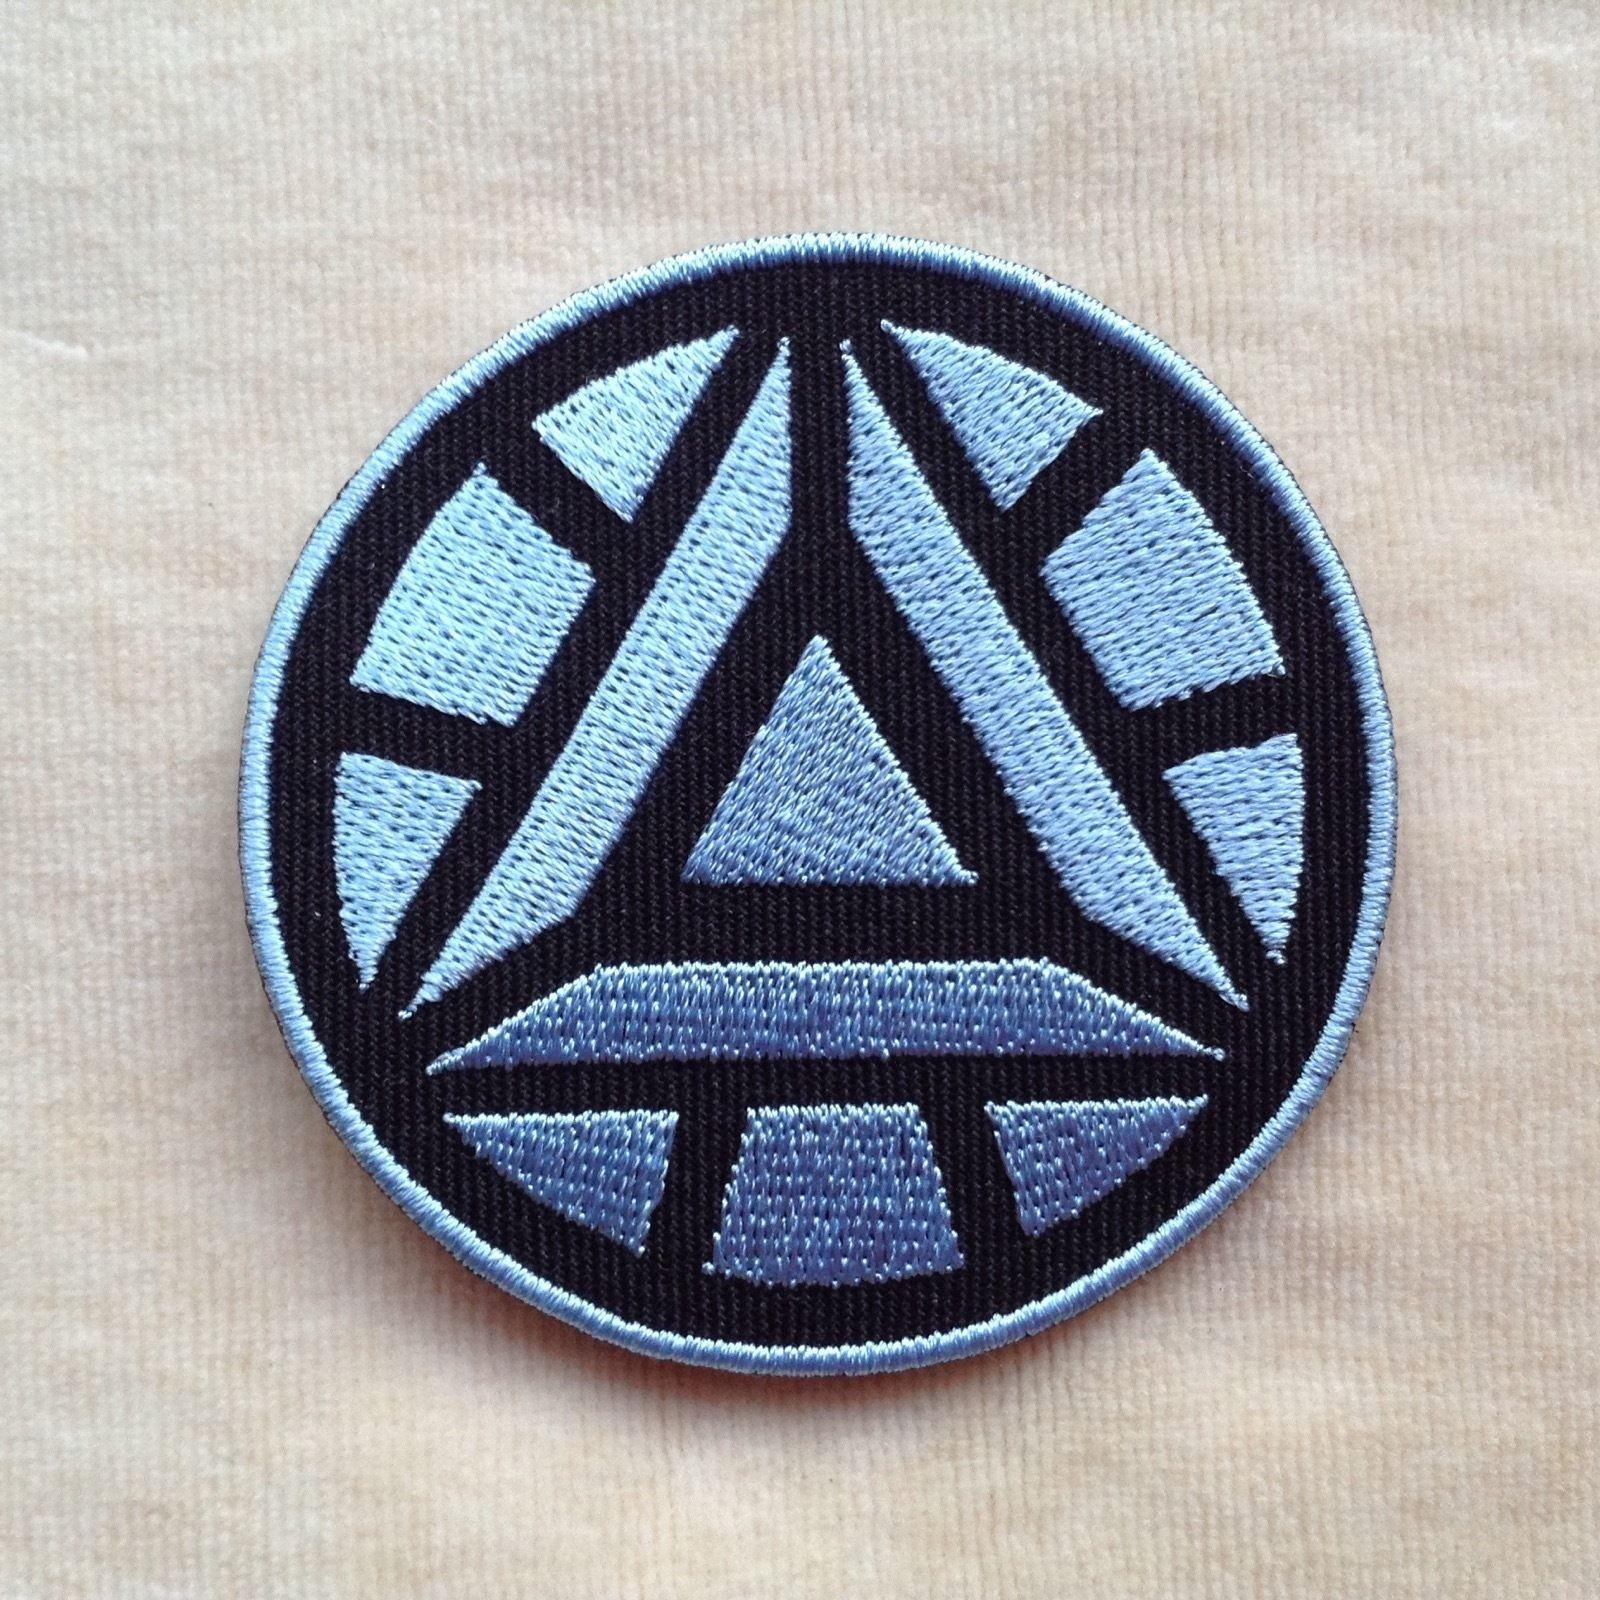 $1 99 - Iron Man Arc Reactor Superhero Embroidery Iron On